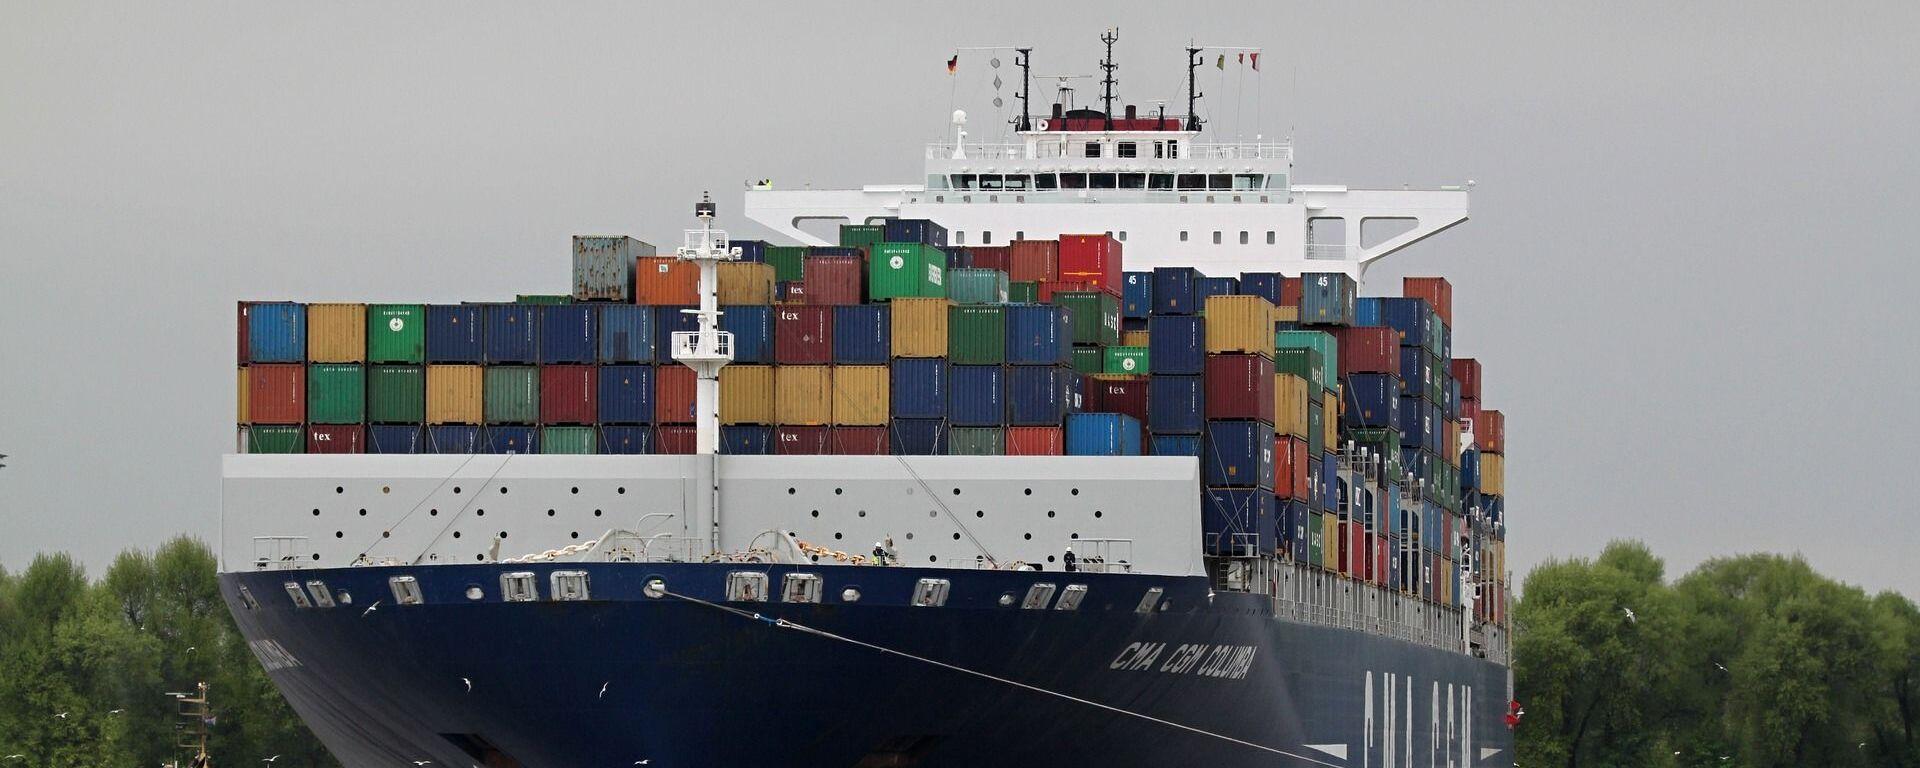 Barco de carga, contenedores, río. Imagen referencial - Sputnik Mundo, 1920, 05.02.2021